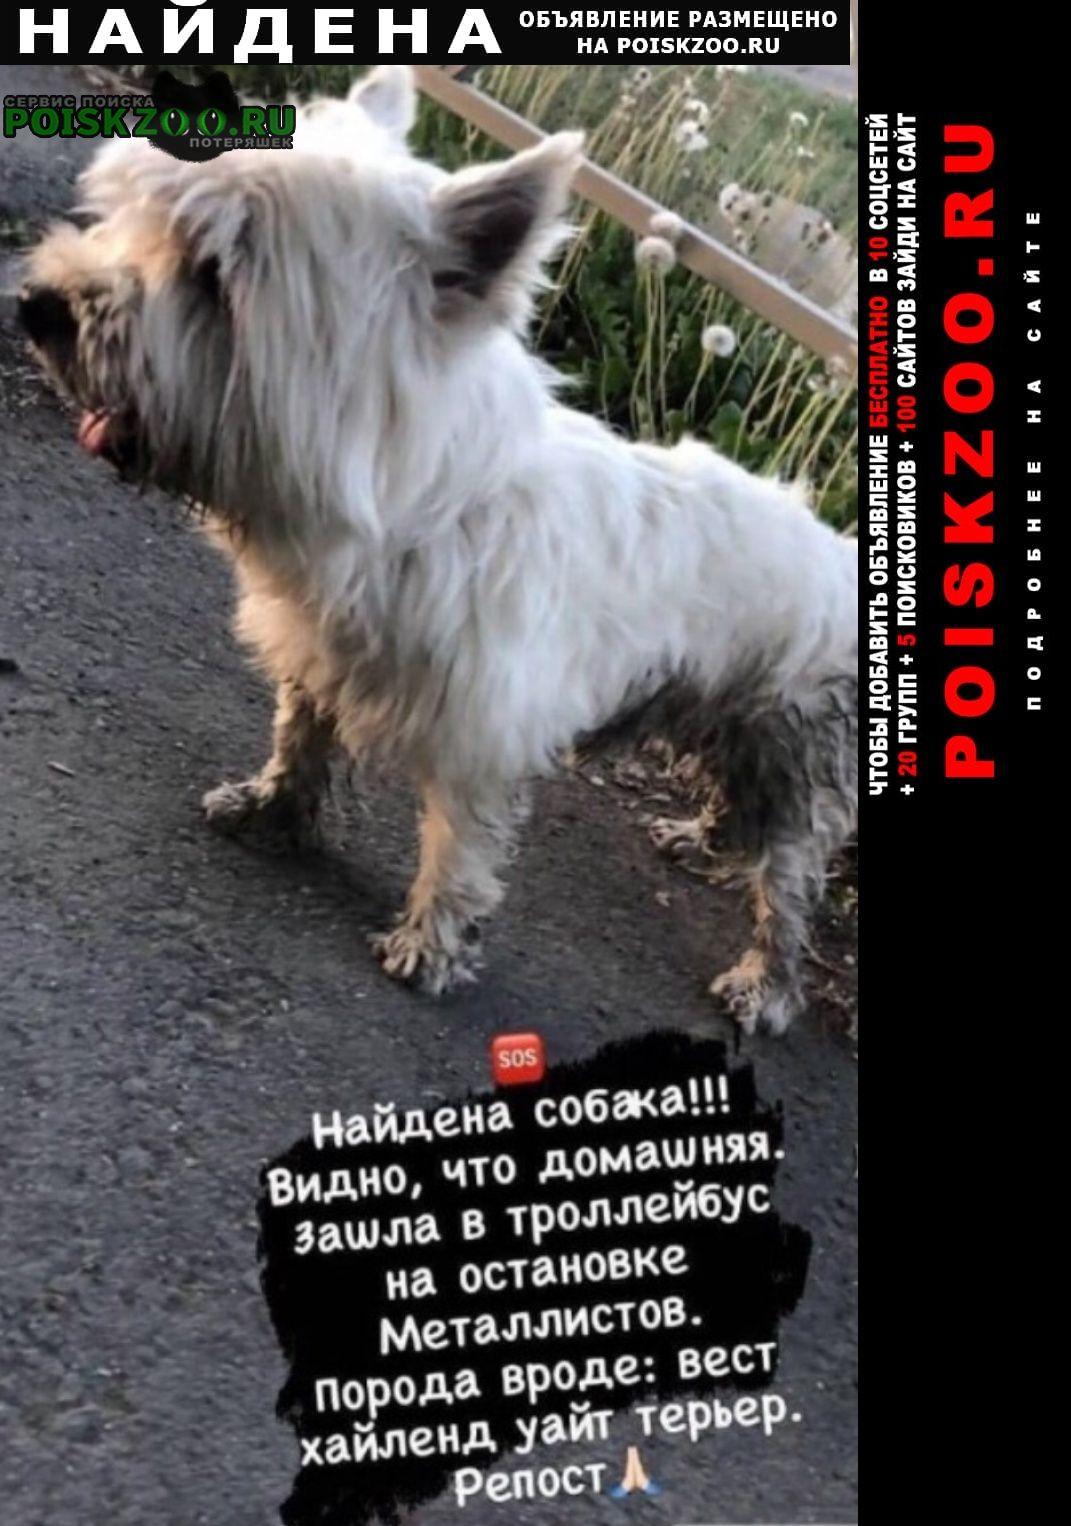 Найдена собака кобель вест хайленд уайт терьер Оренбург